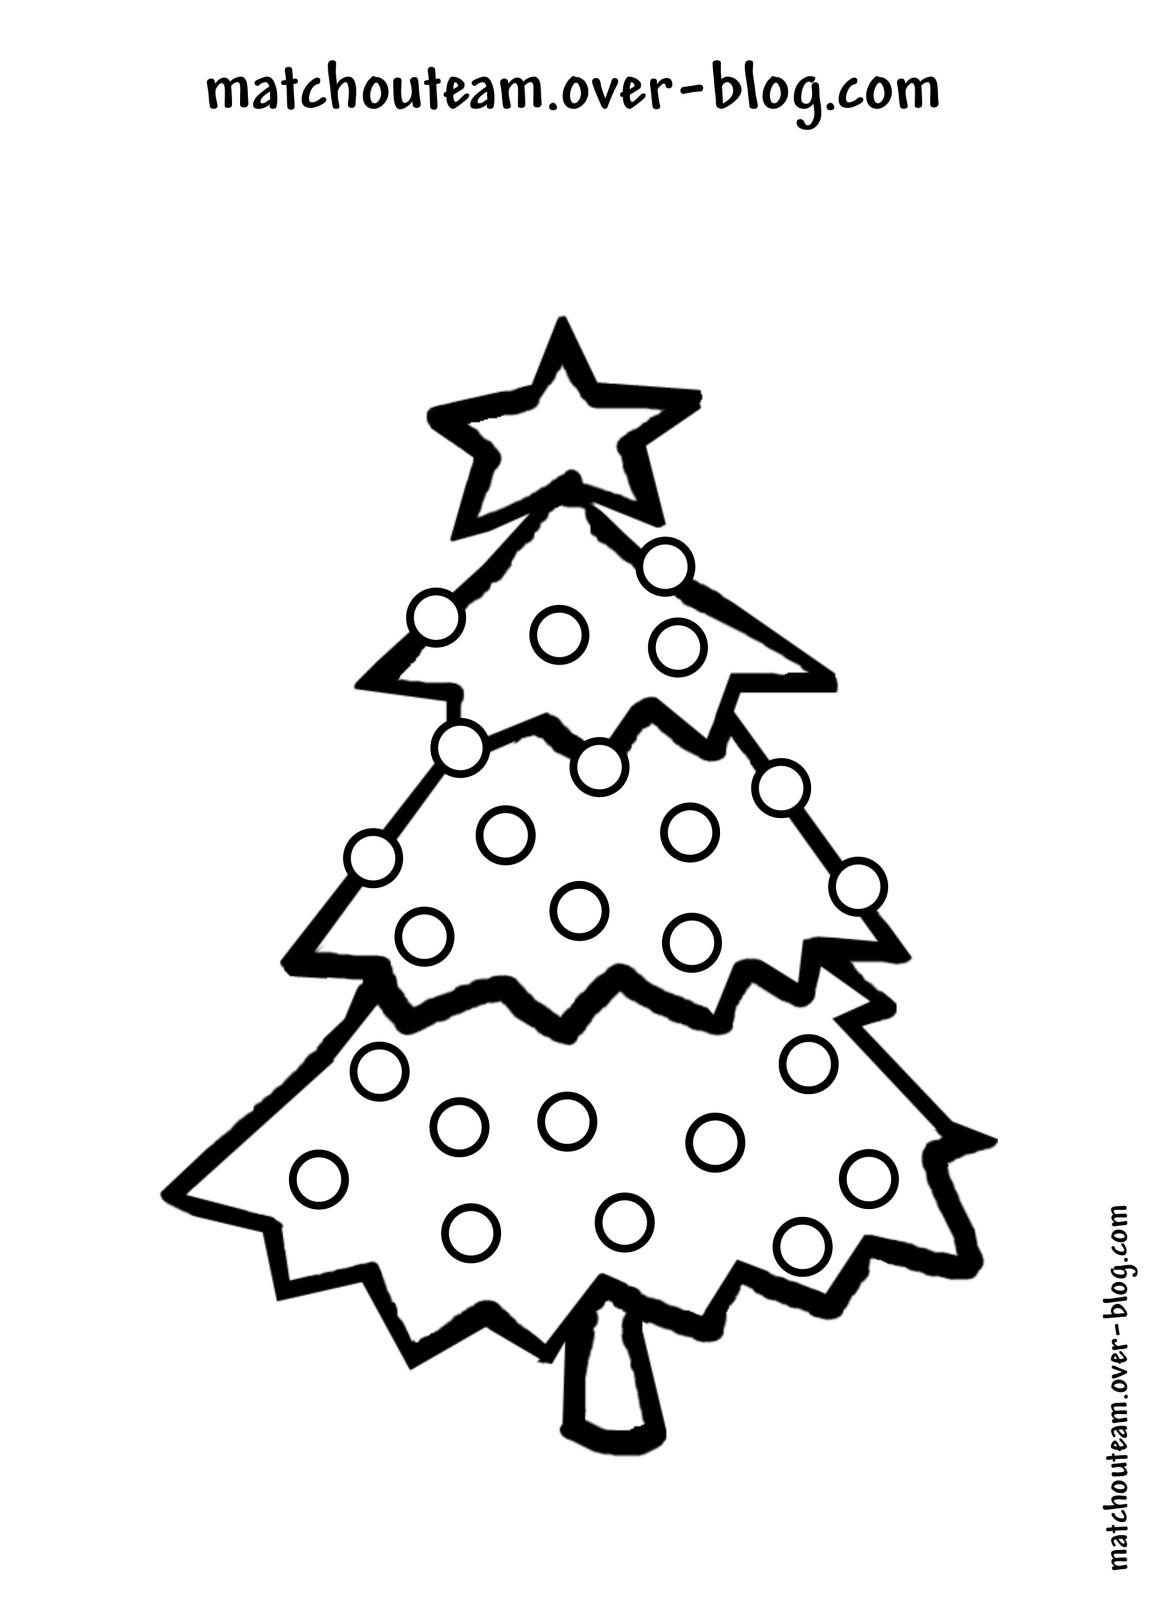 Sapin De Noël #85 (Objets) – Coloriages À Imprimer encequiconcerne Coloriage De Sapin De Noel A Imprimer Gratuit